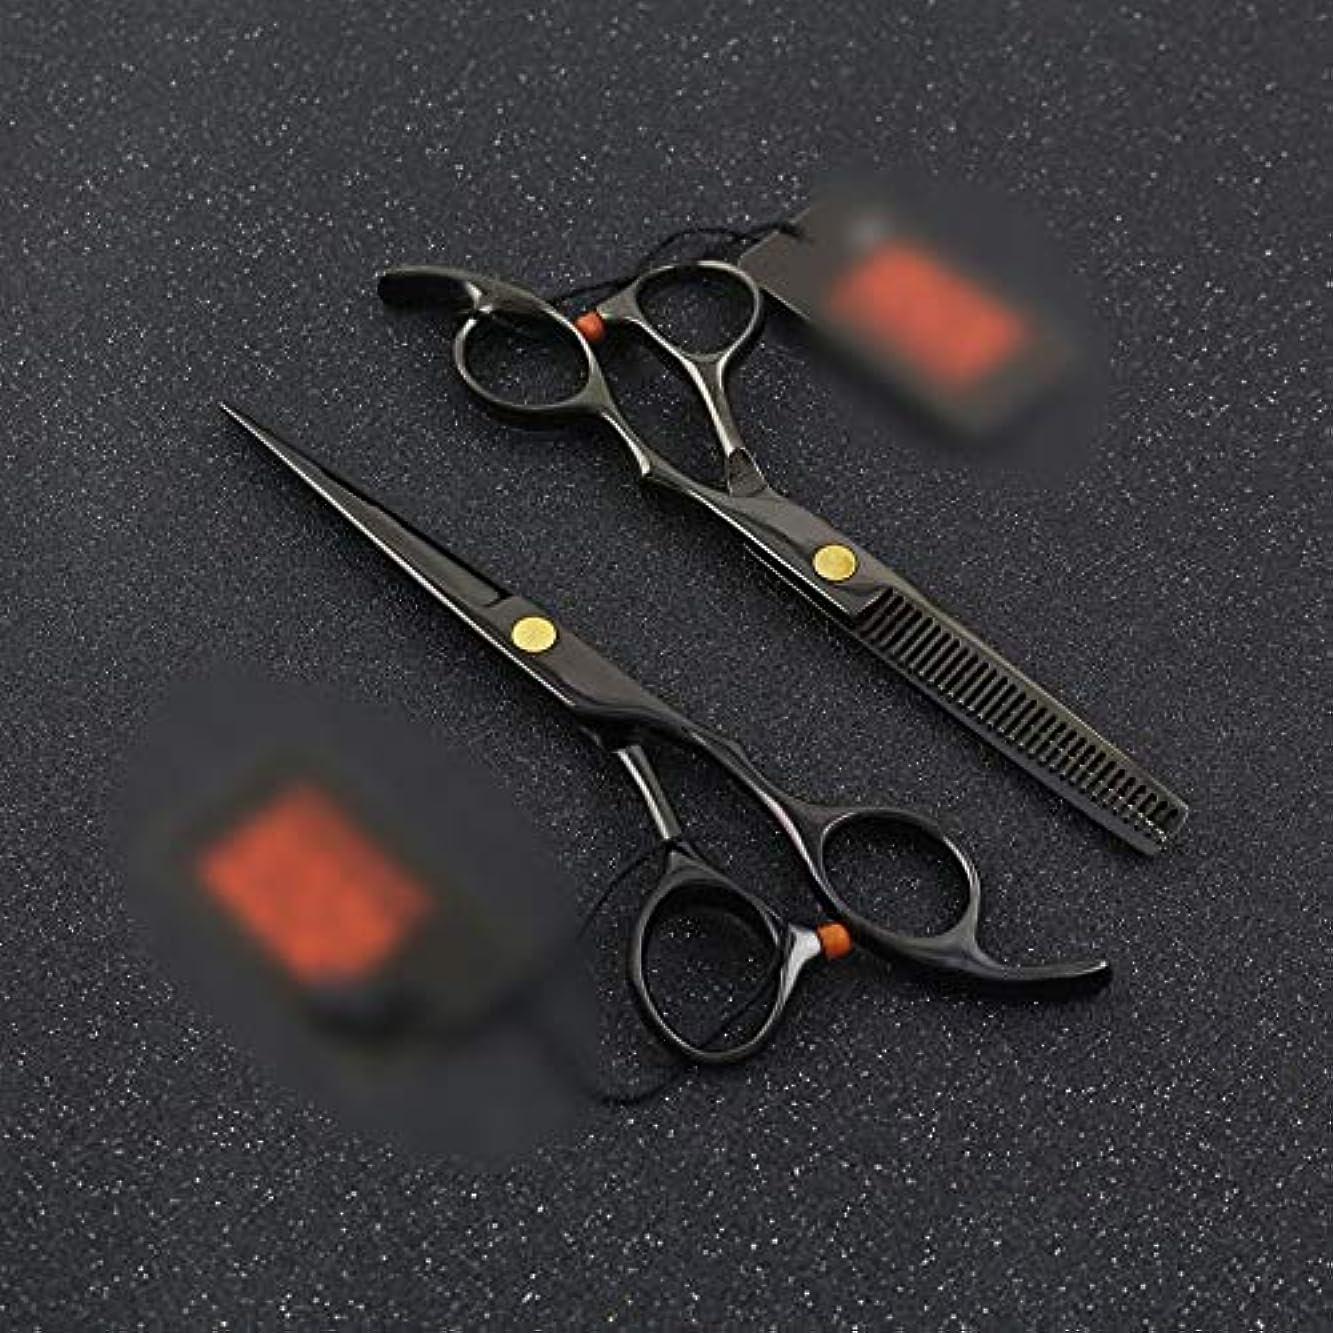 致命的不従順立ち寄るWASAIO はさみ風味シザー+歯せん断理髪ツールセット6インチブラック間伐テクスチャーサロンヘアカットのはさみプロフェッショナル理容正規レイザーエッジ (色 : 黒)